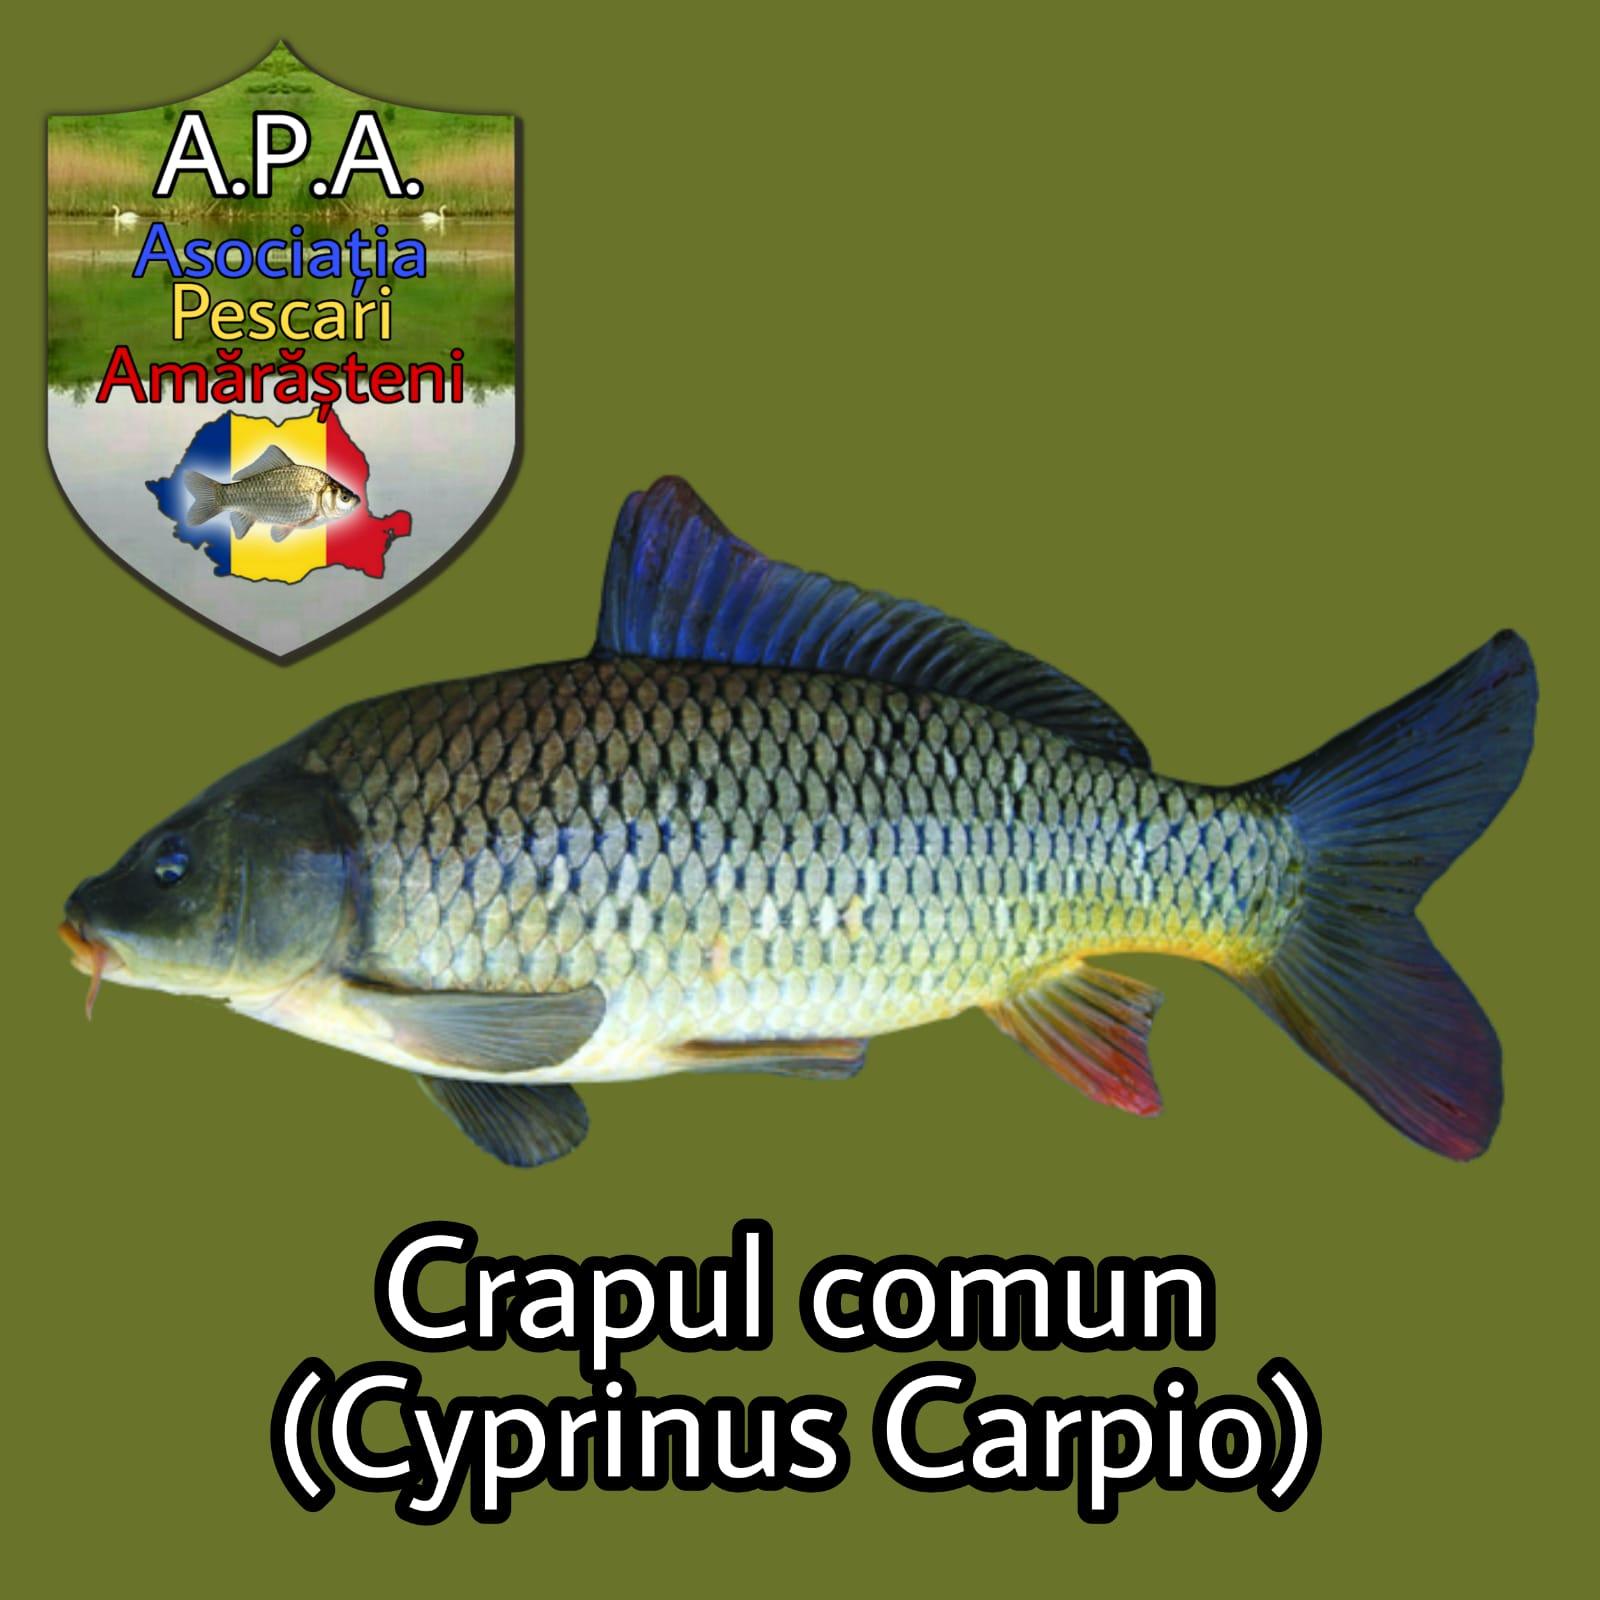 Crapul comun (Cyprinus carpio/Common carp)